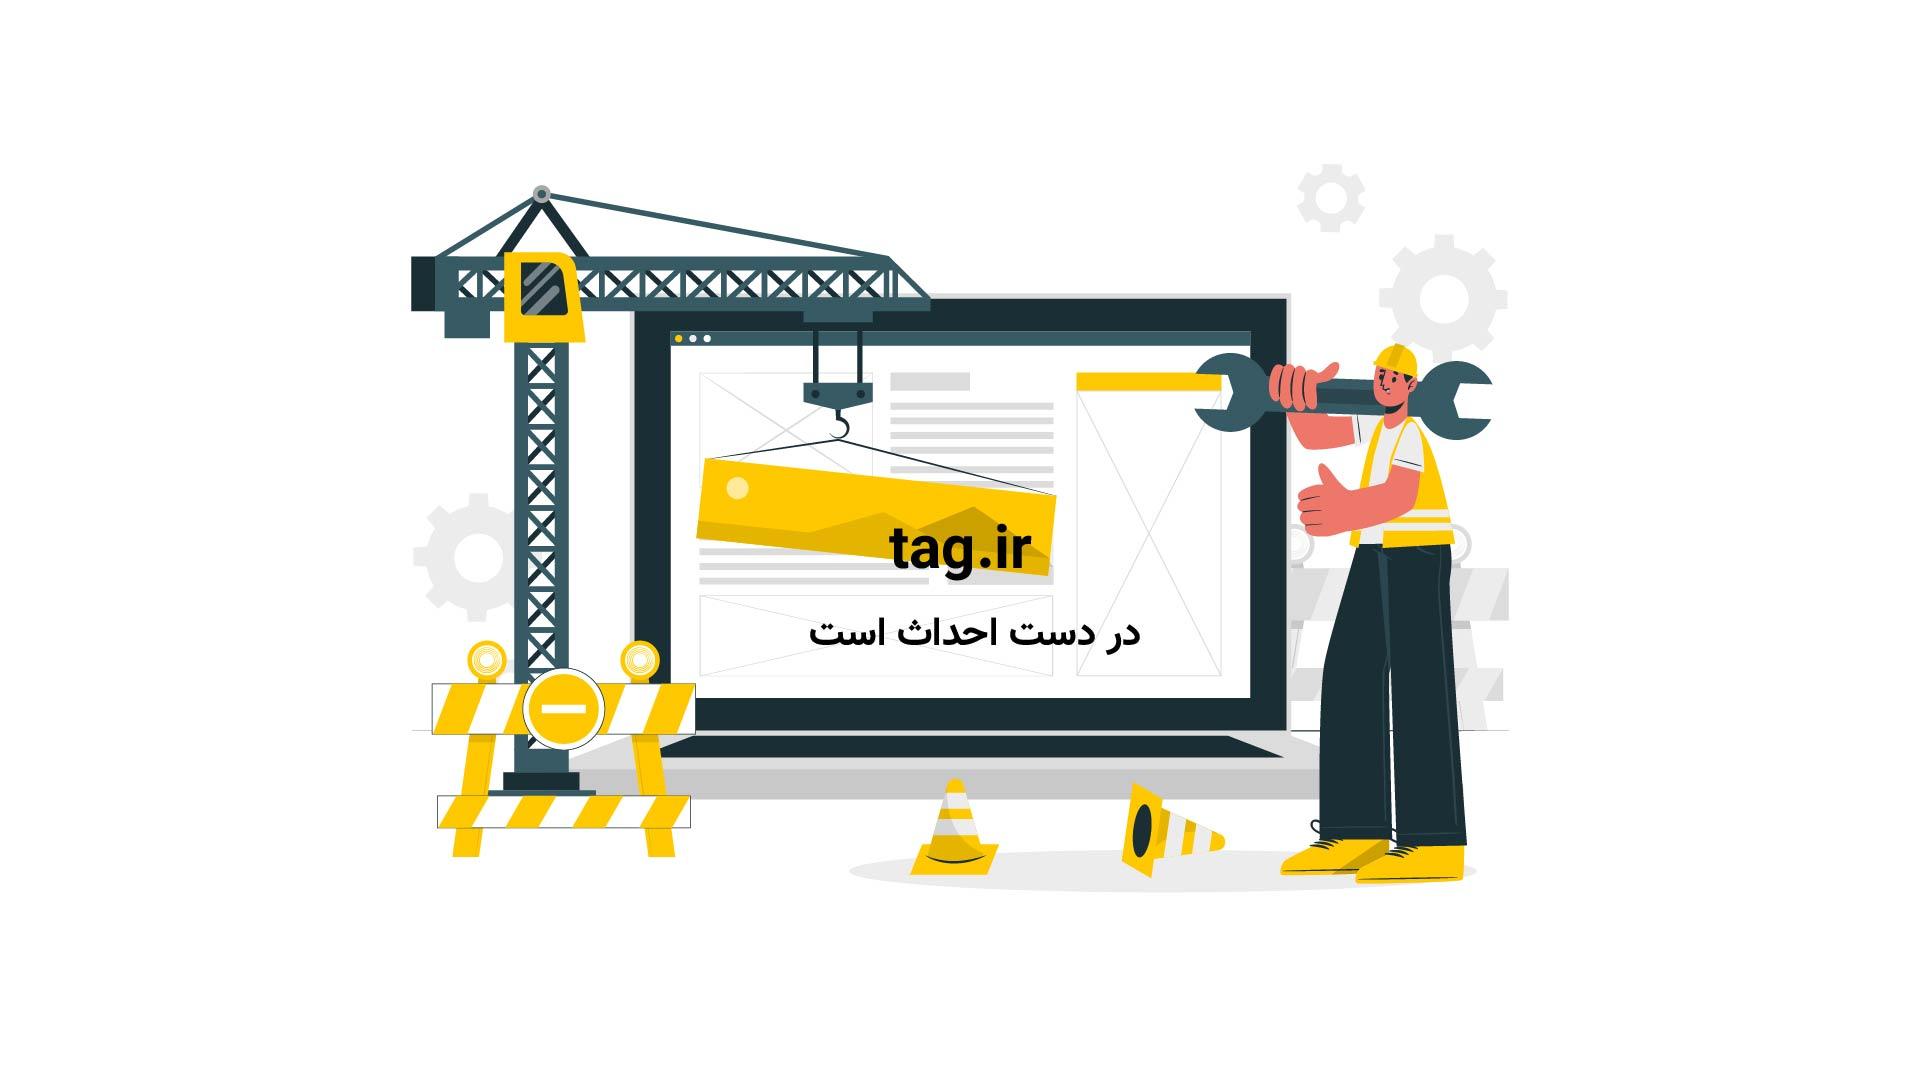 اتاق پنهانی فرعون بزرگ در اهرام مصر کشف شد | فیلم